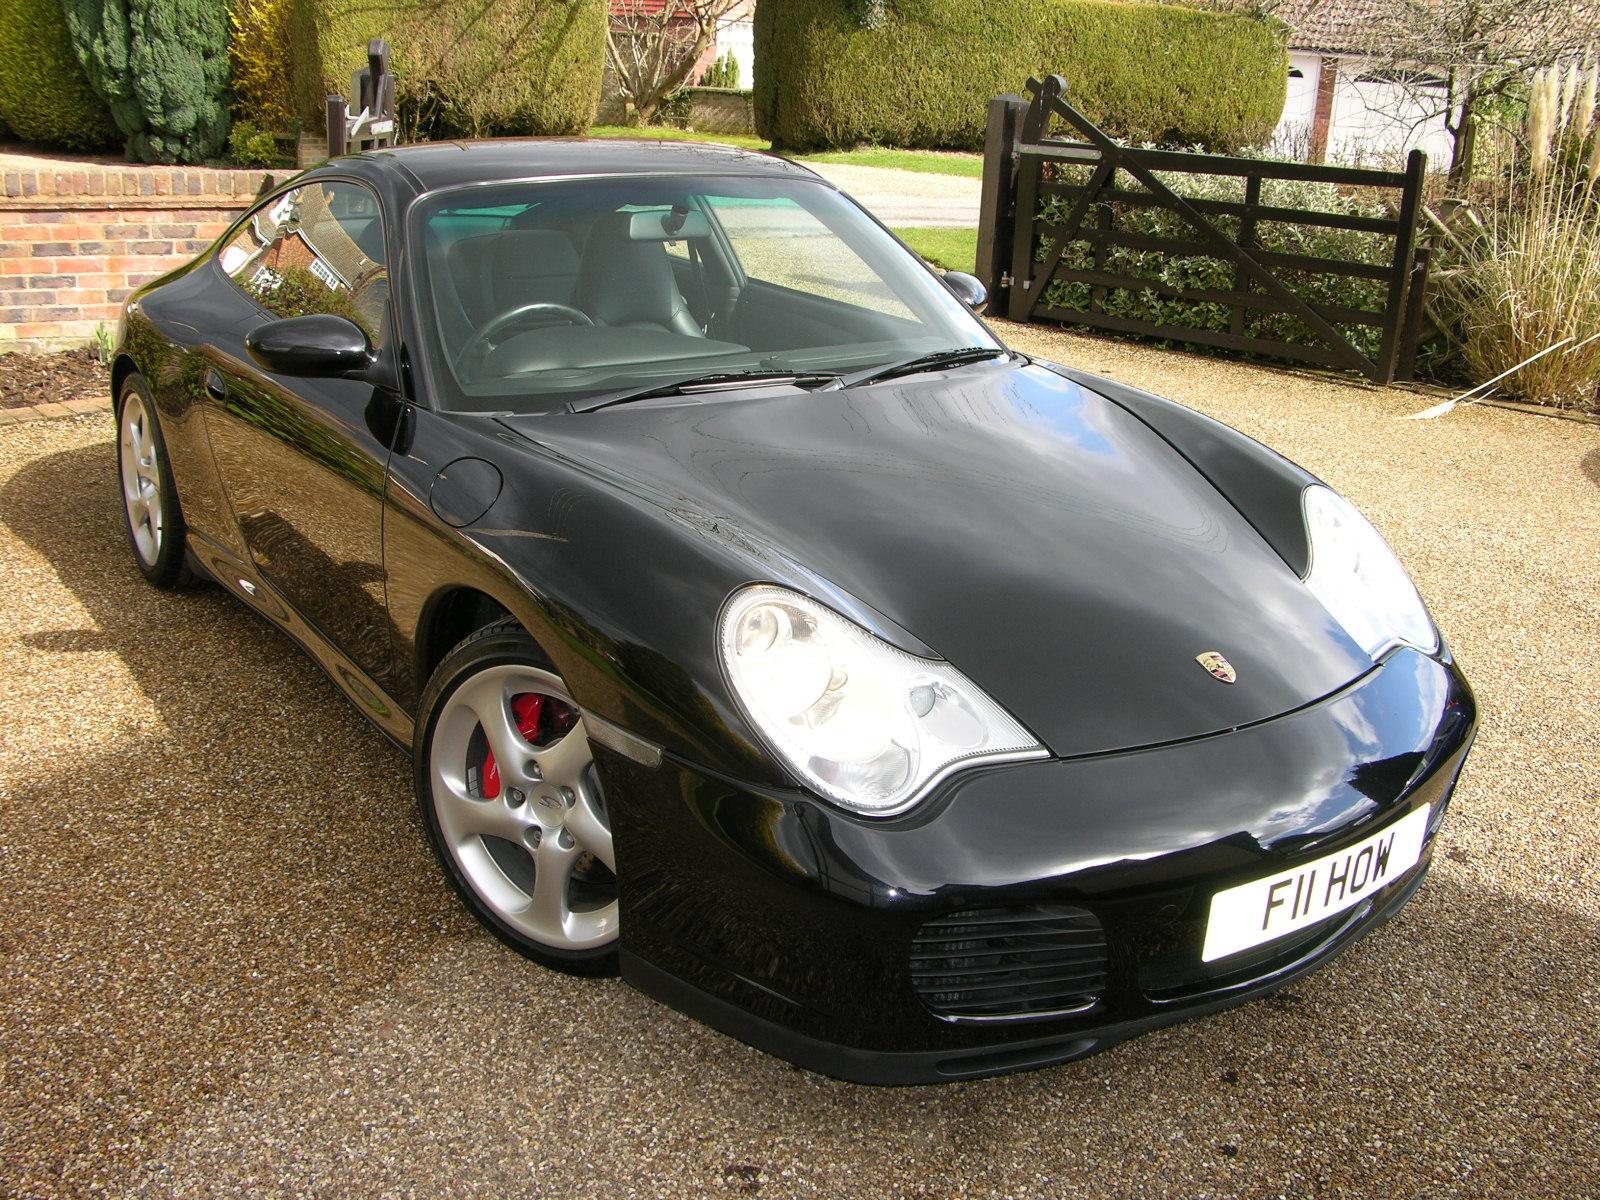 file 2003 porsche 911 carrera 4s flickr the car spy 6